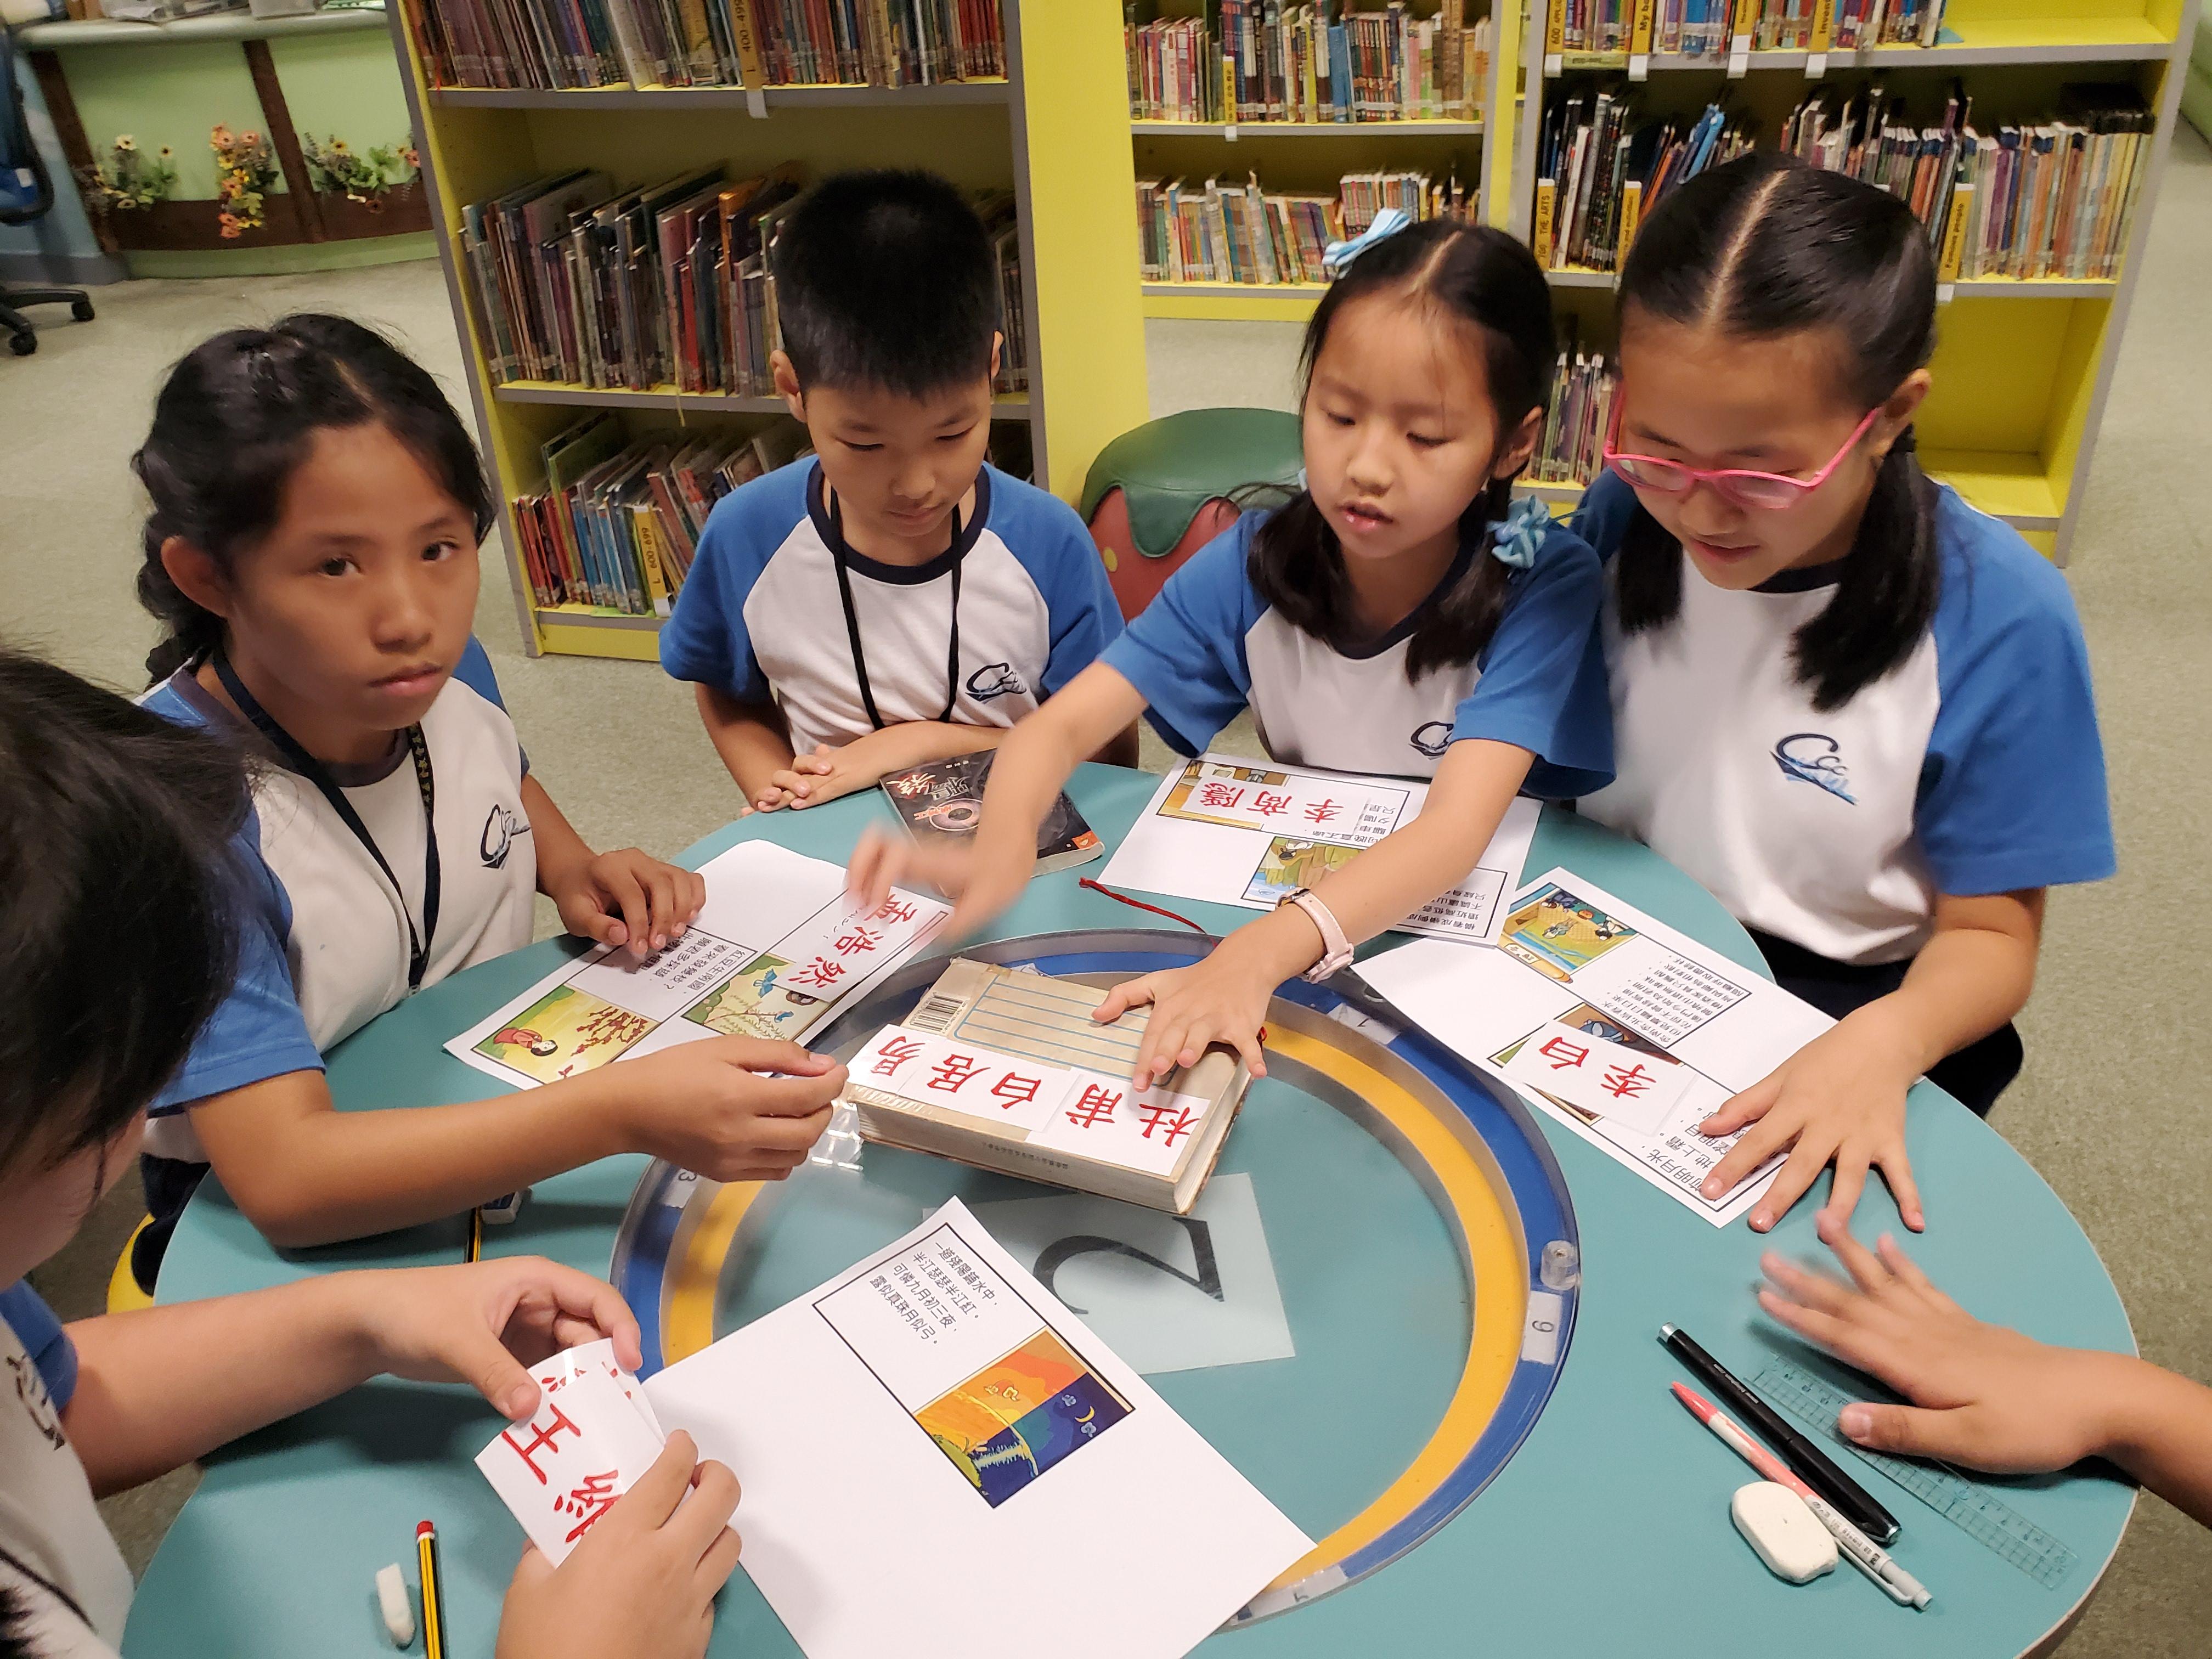 http://www.keiwan.edu.hk/sites/default/files/20191021_100250.jpg